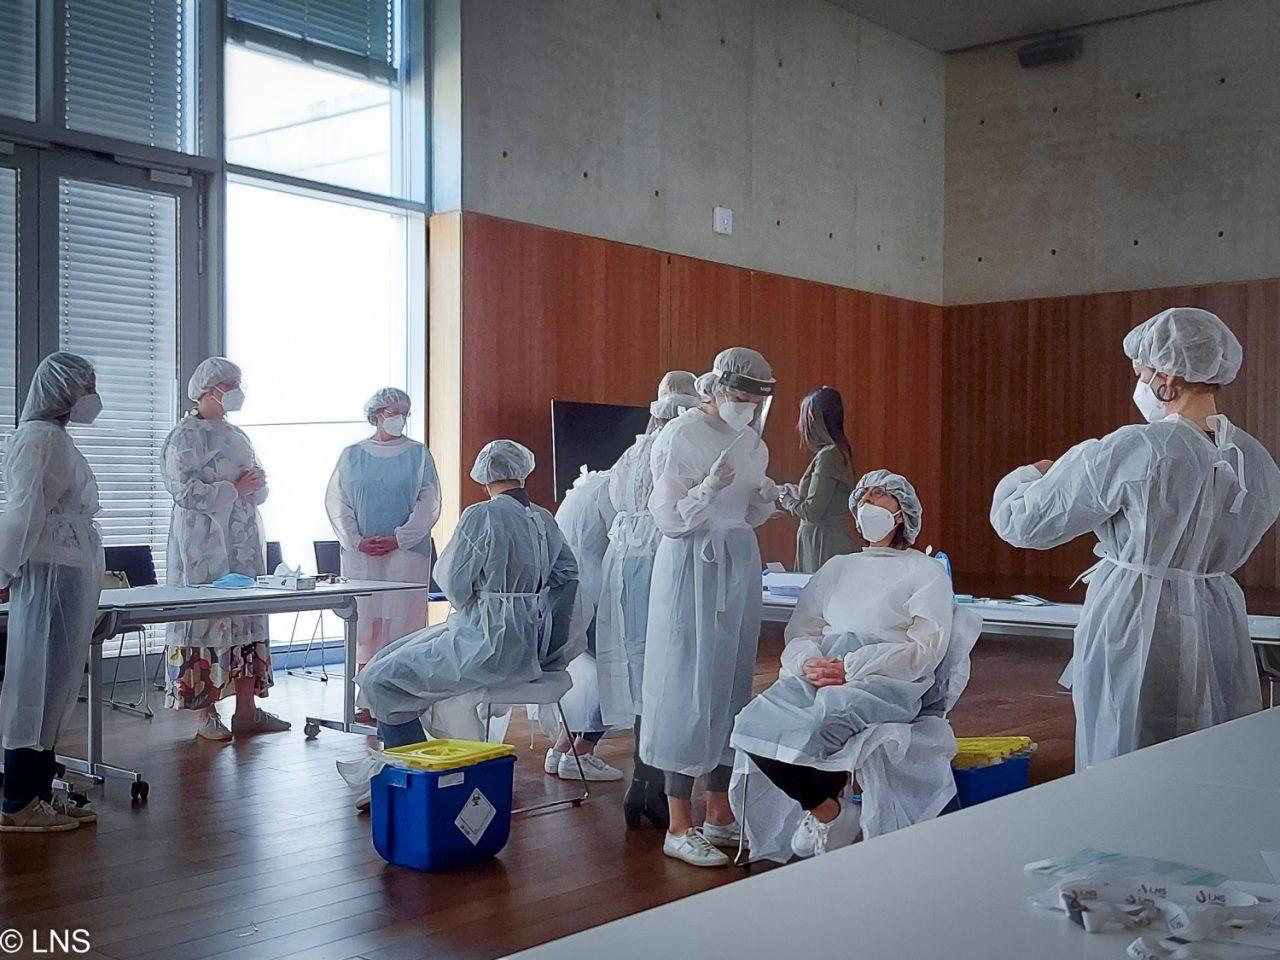 Formation au prélèvement nasopharyngé pour les professionnels de la santé : le LNS obtient la certification des autorités sanitaires